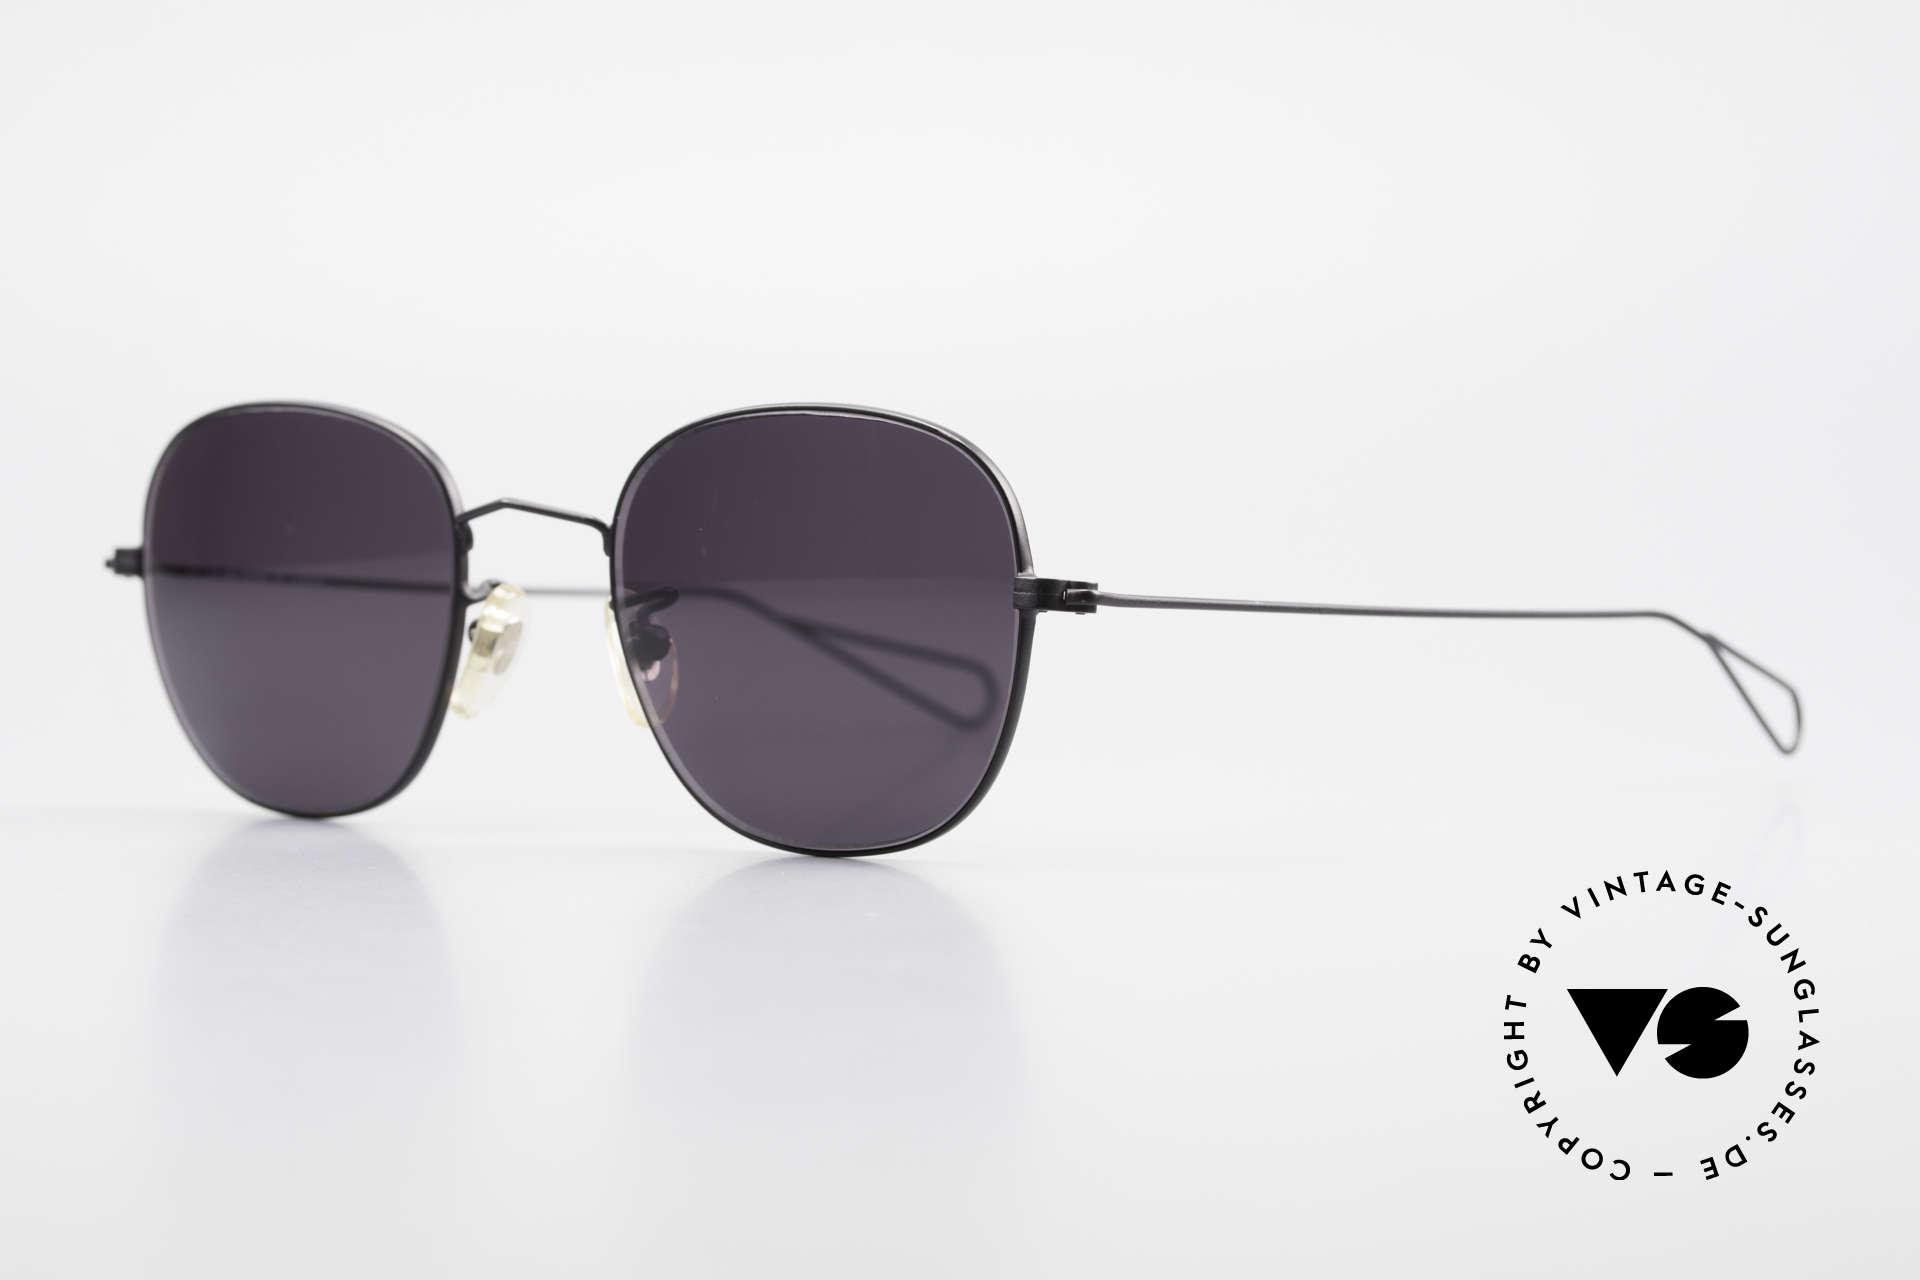 Cutler And Gross 0307 Alte Vintage Sonnenbrille 90er, stilvoll & unverwechselbar; auch ohne pompöse Logos, Passend für Herren und Damen